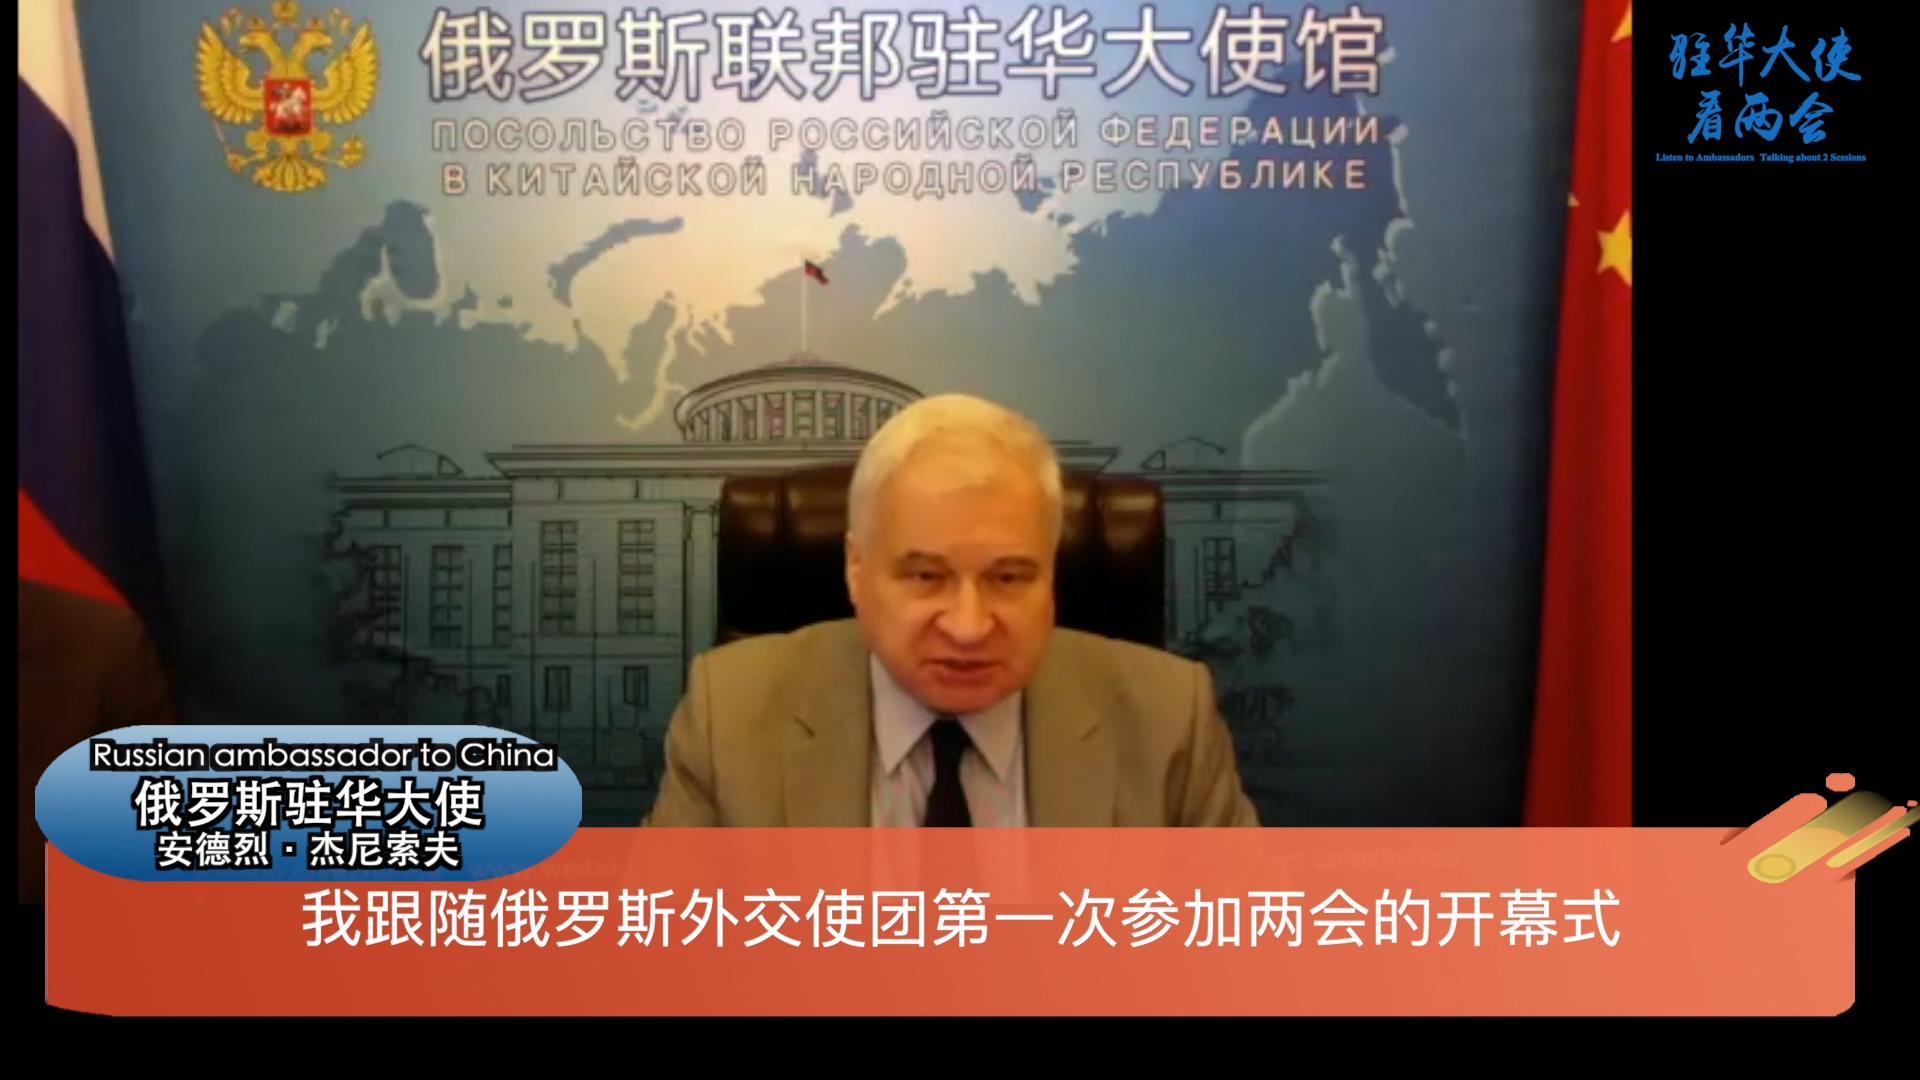 俄罗斯驻华大使:今年两会最关注中国经济社会议题